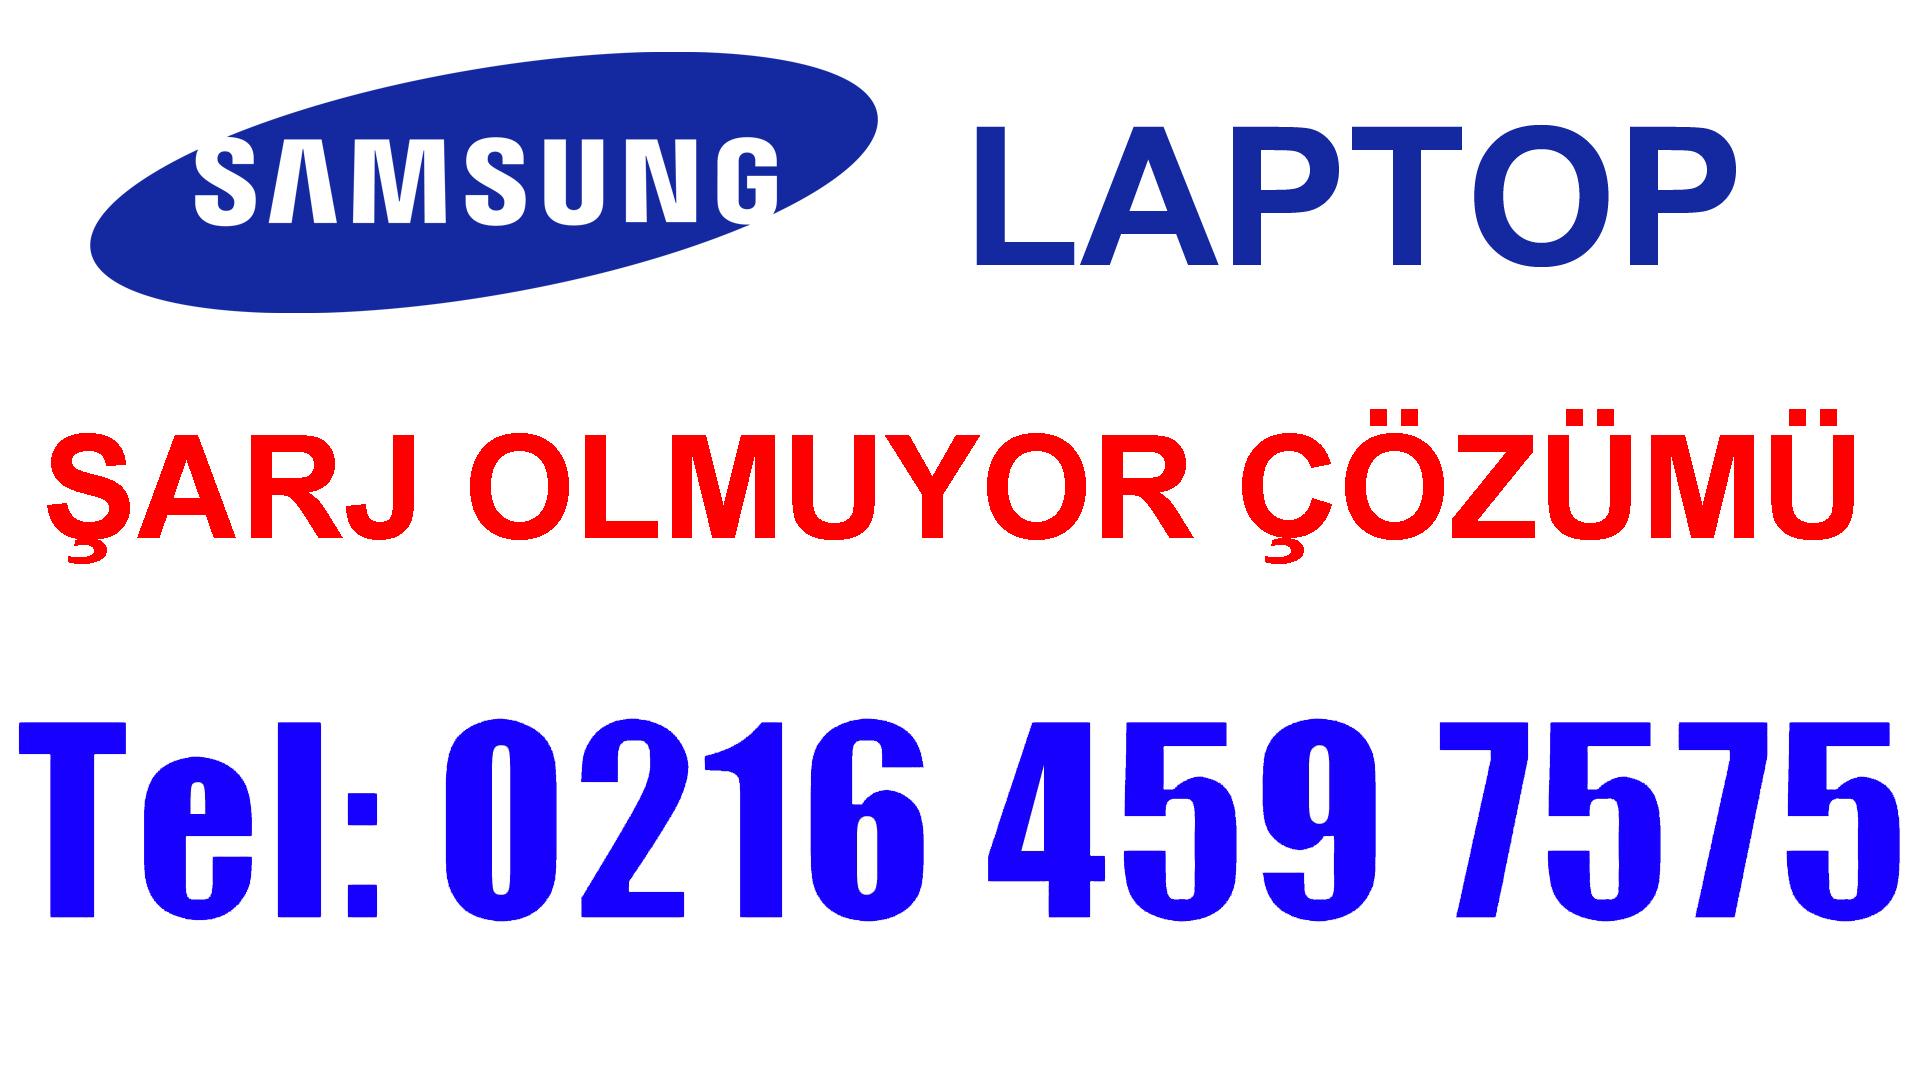 Samsung Laptop Şarj Olmuyor